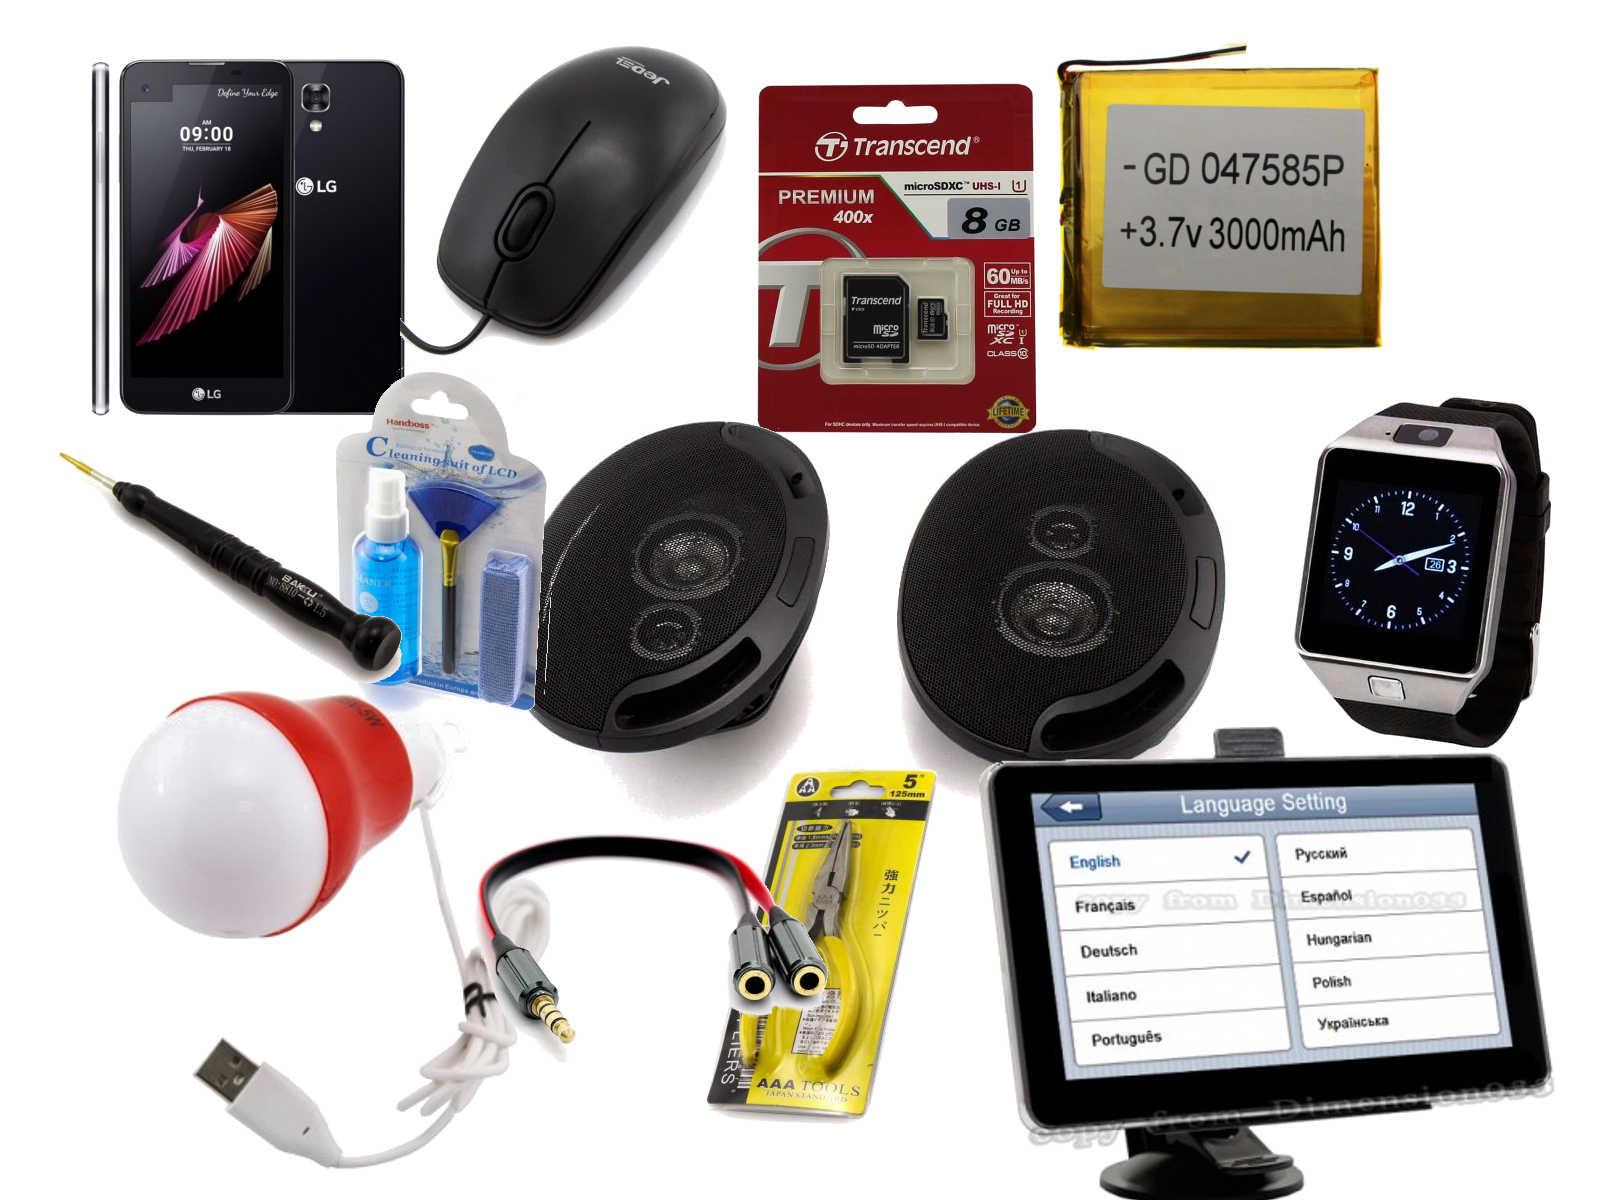 Сотовые телефоны. Планшеты. Аксессуары. Аудио товары. Автоэлектроника. Недорого. Склад 25